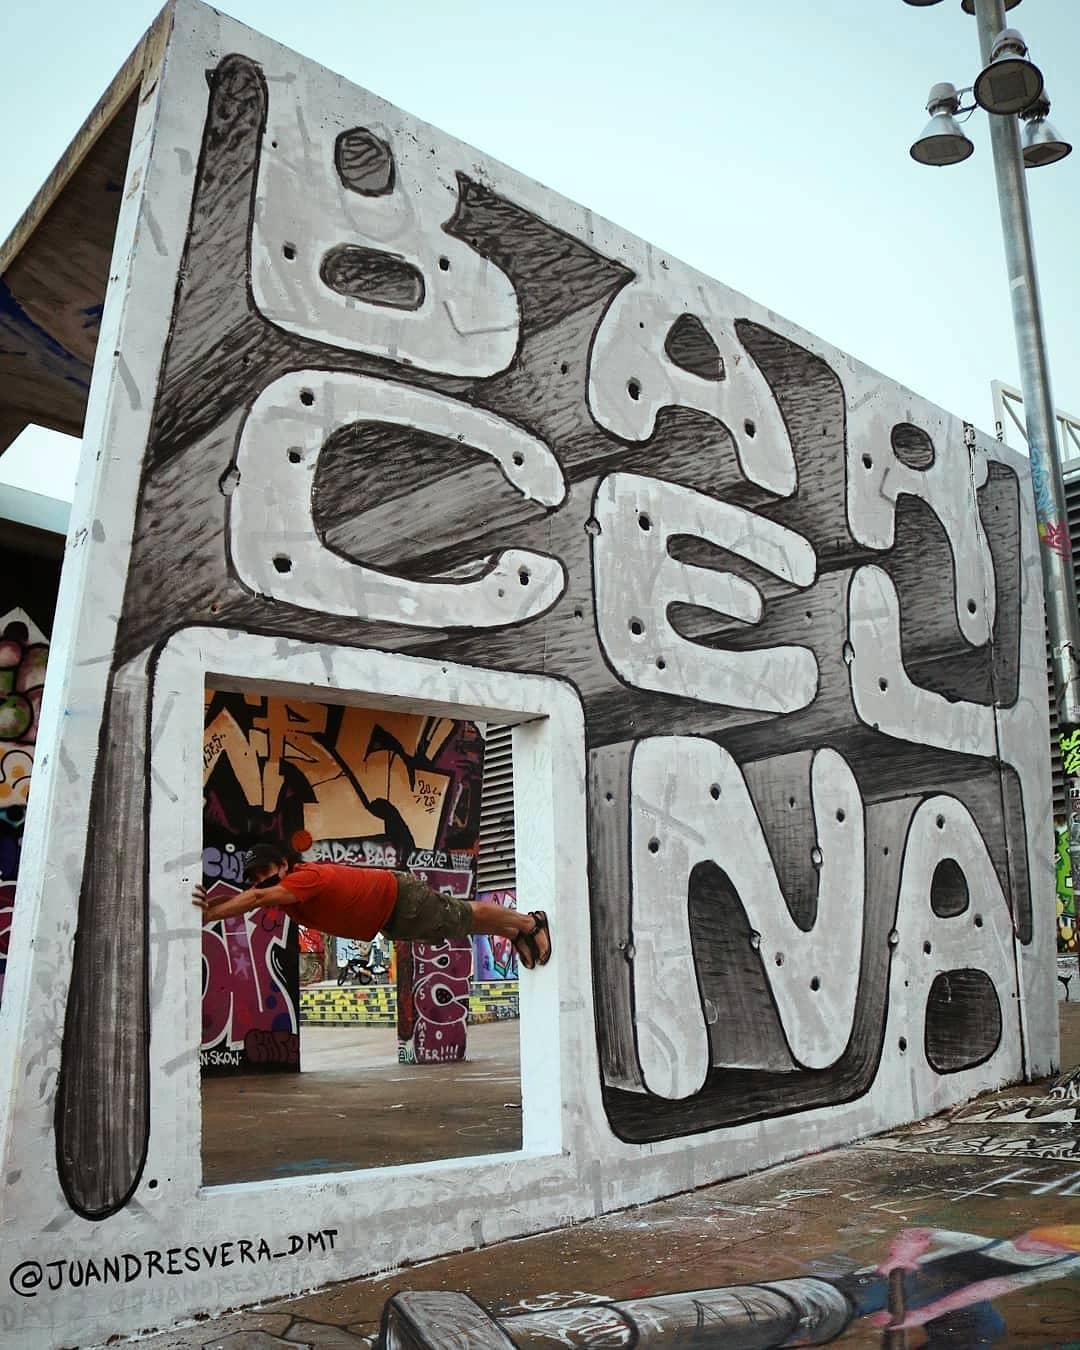 Juandres Vera @ Barcelona, Spain